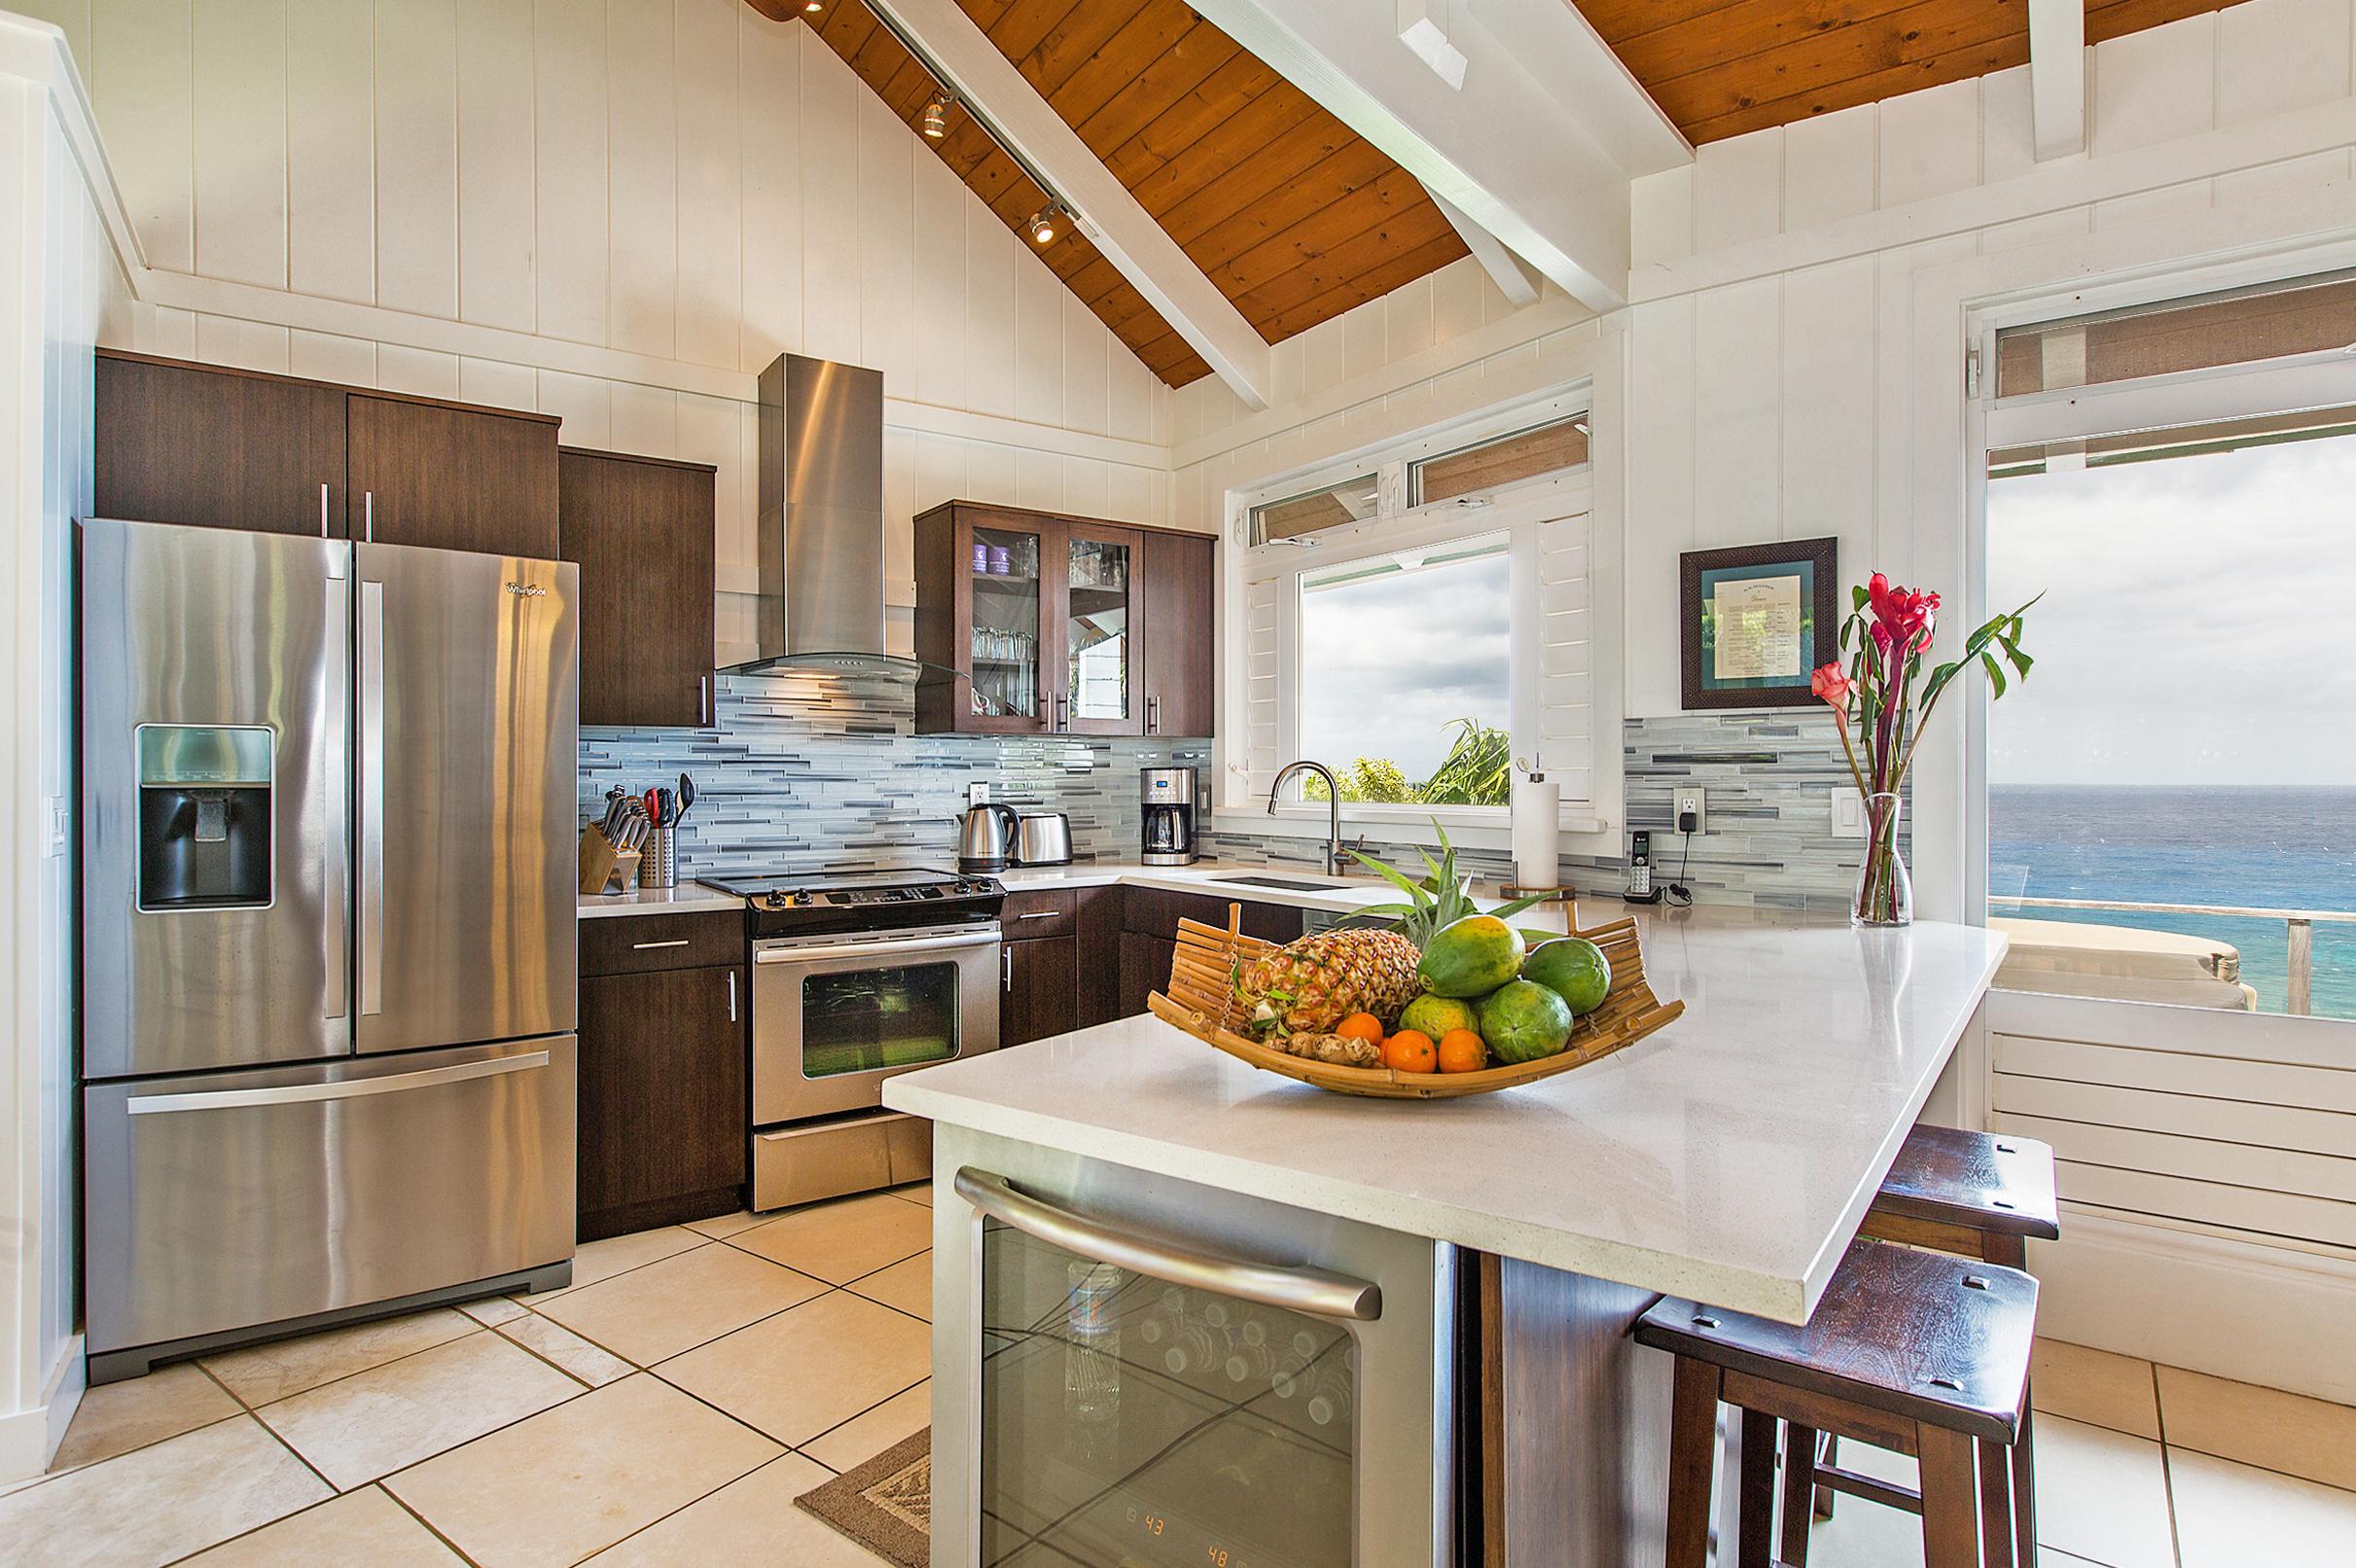 Kitchen-1.jpg_high_2194226.jpg